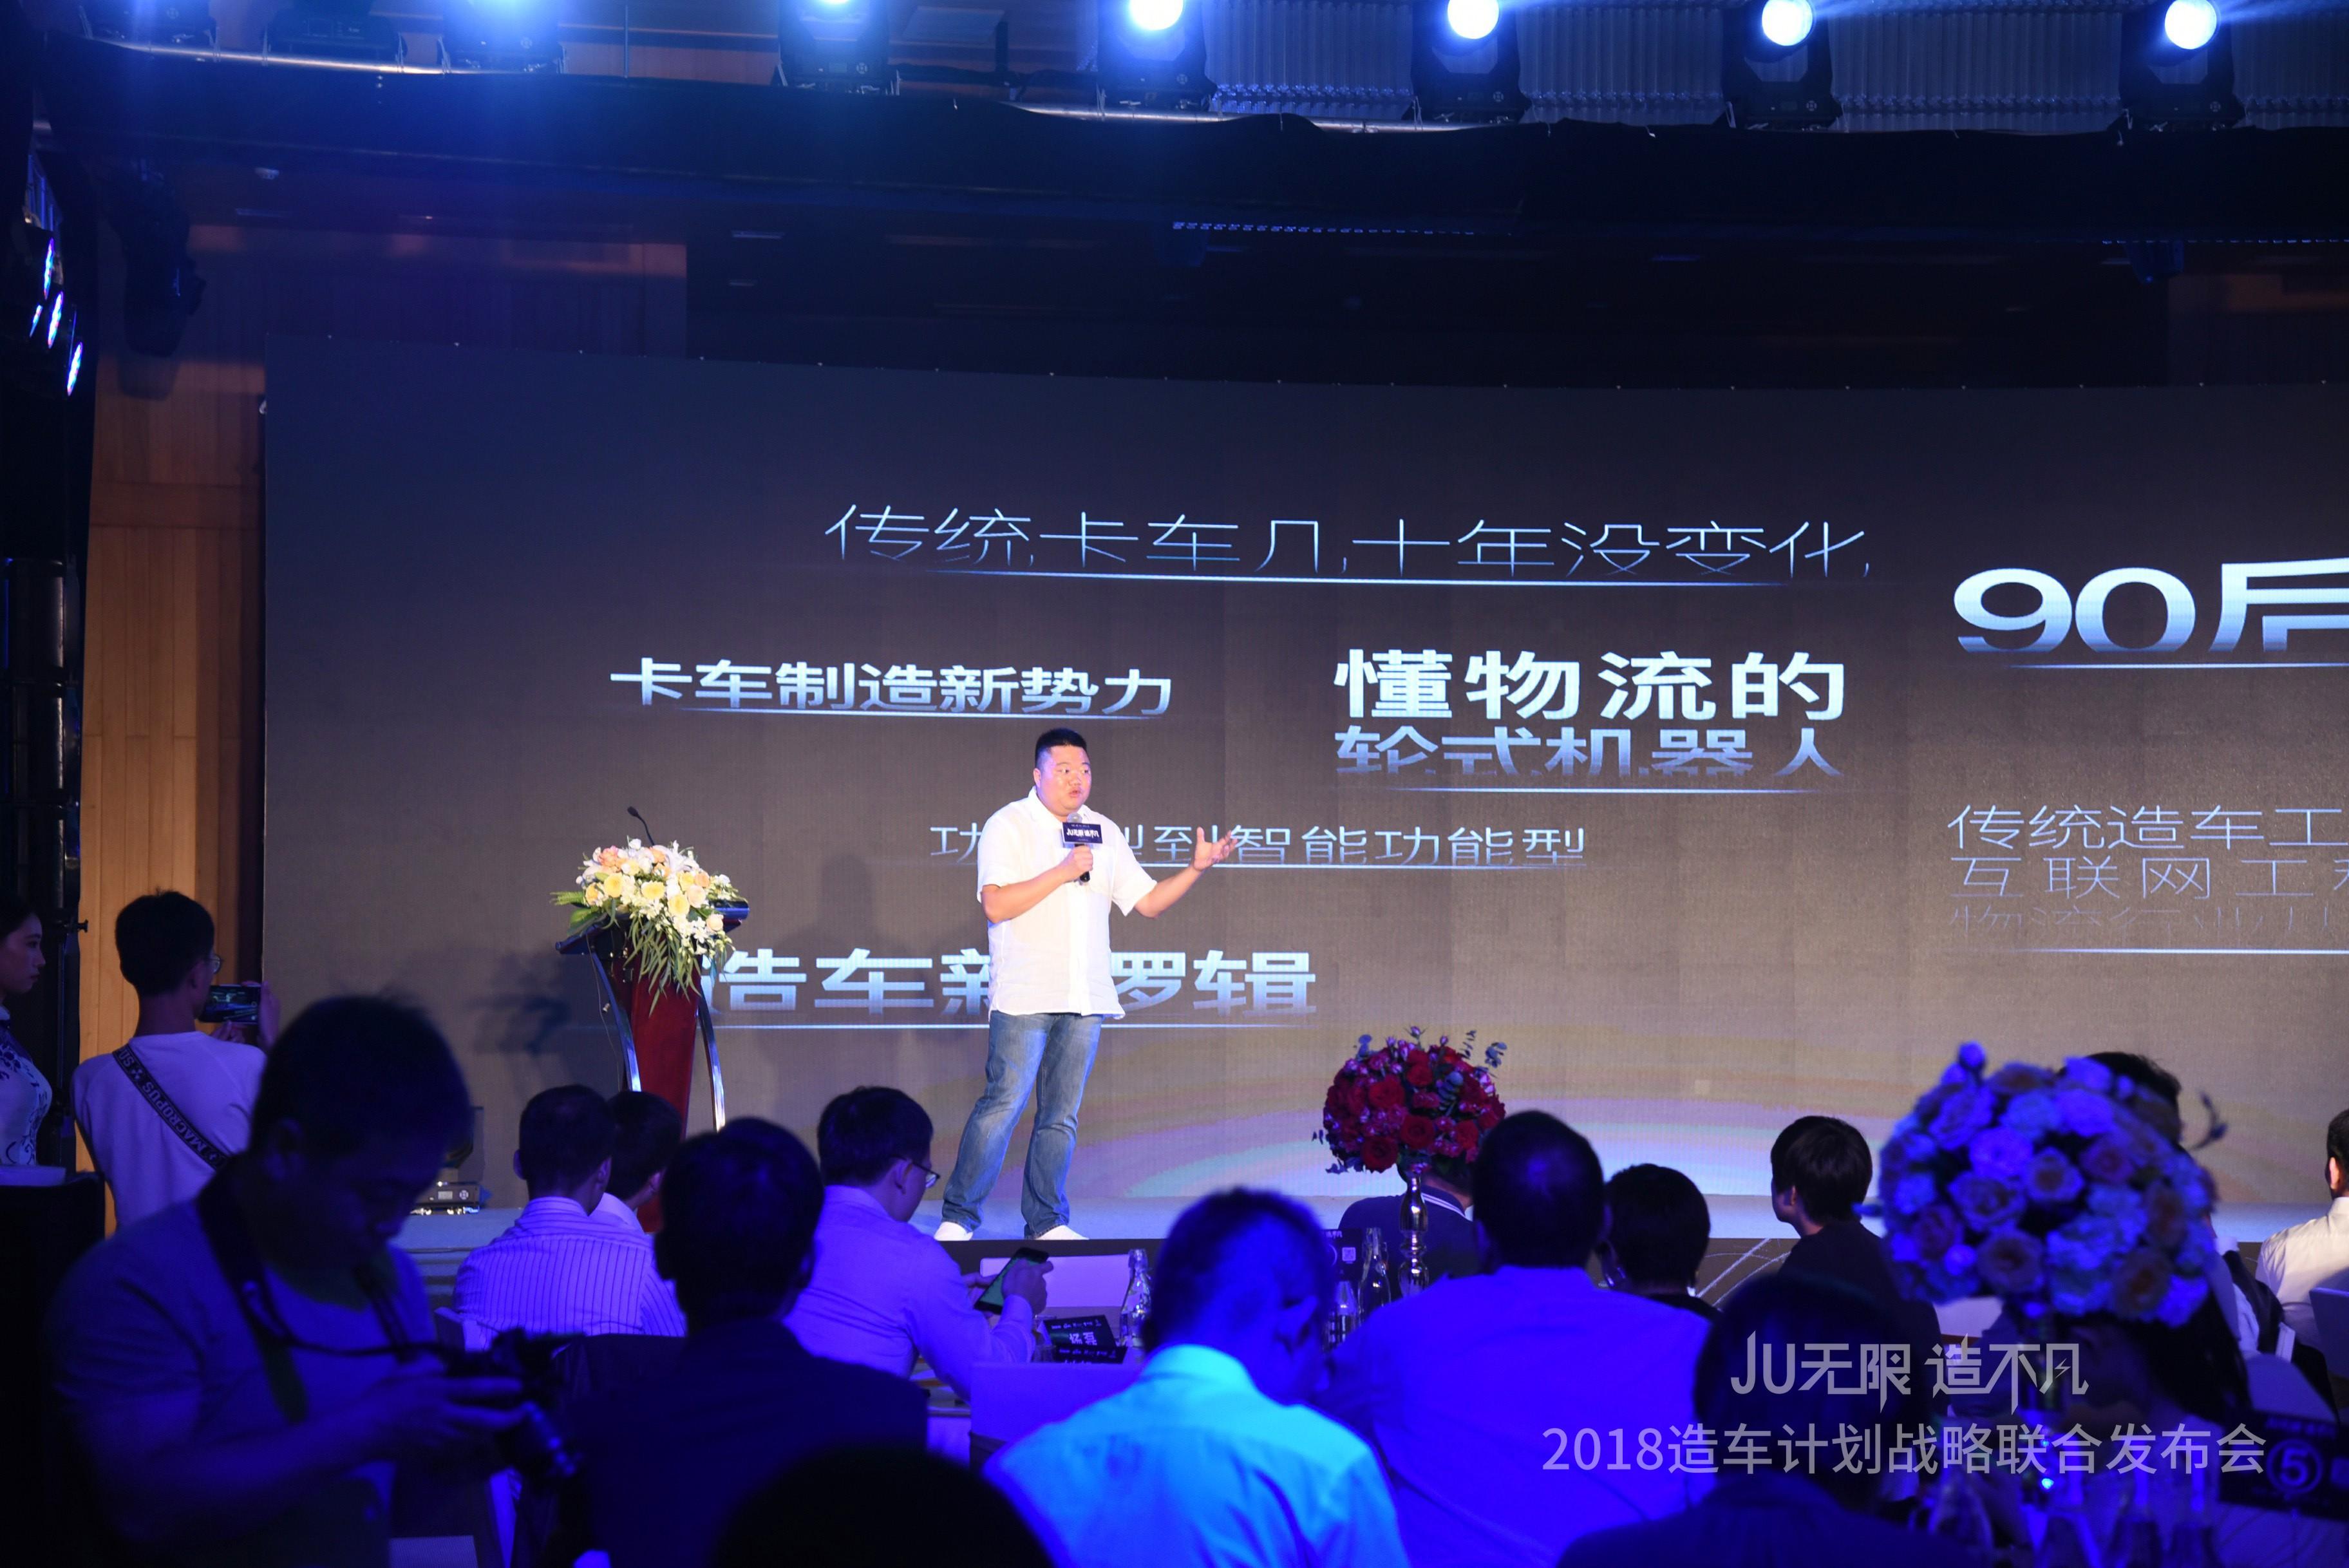 卡車新物種來了!駒馬集團、普洛斯、京東物流、威馬聯合成立卡車公司